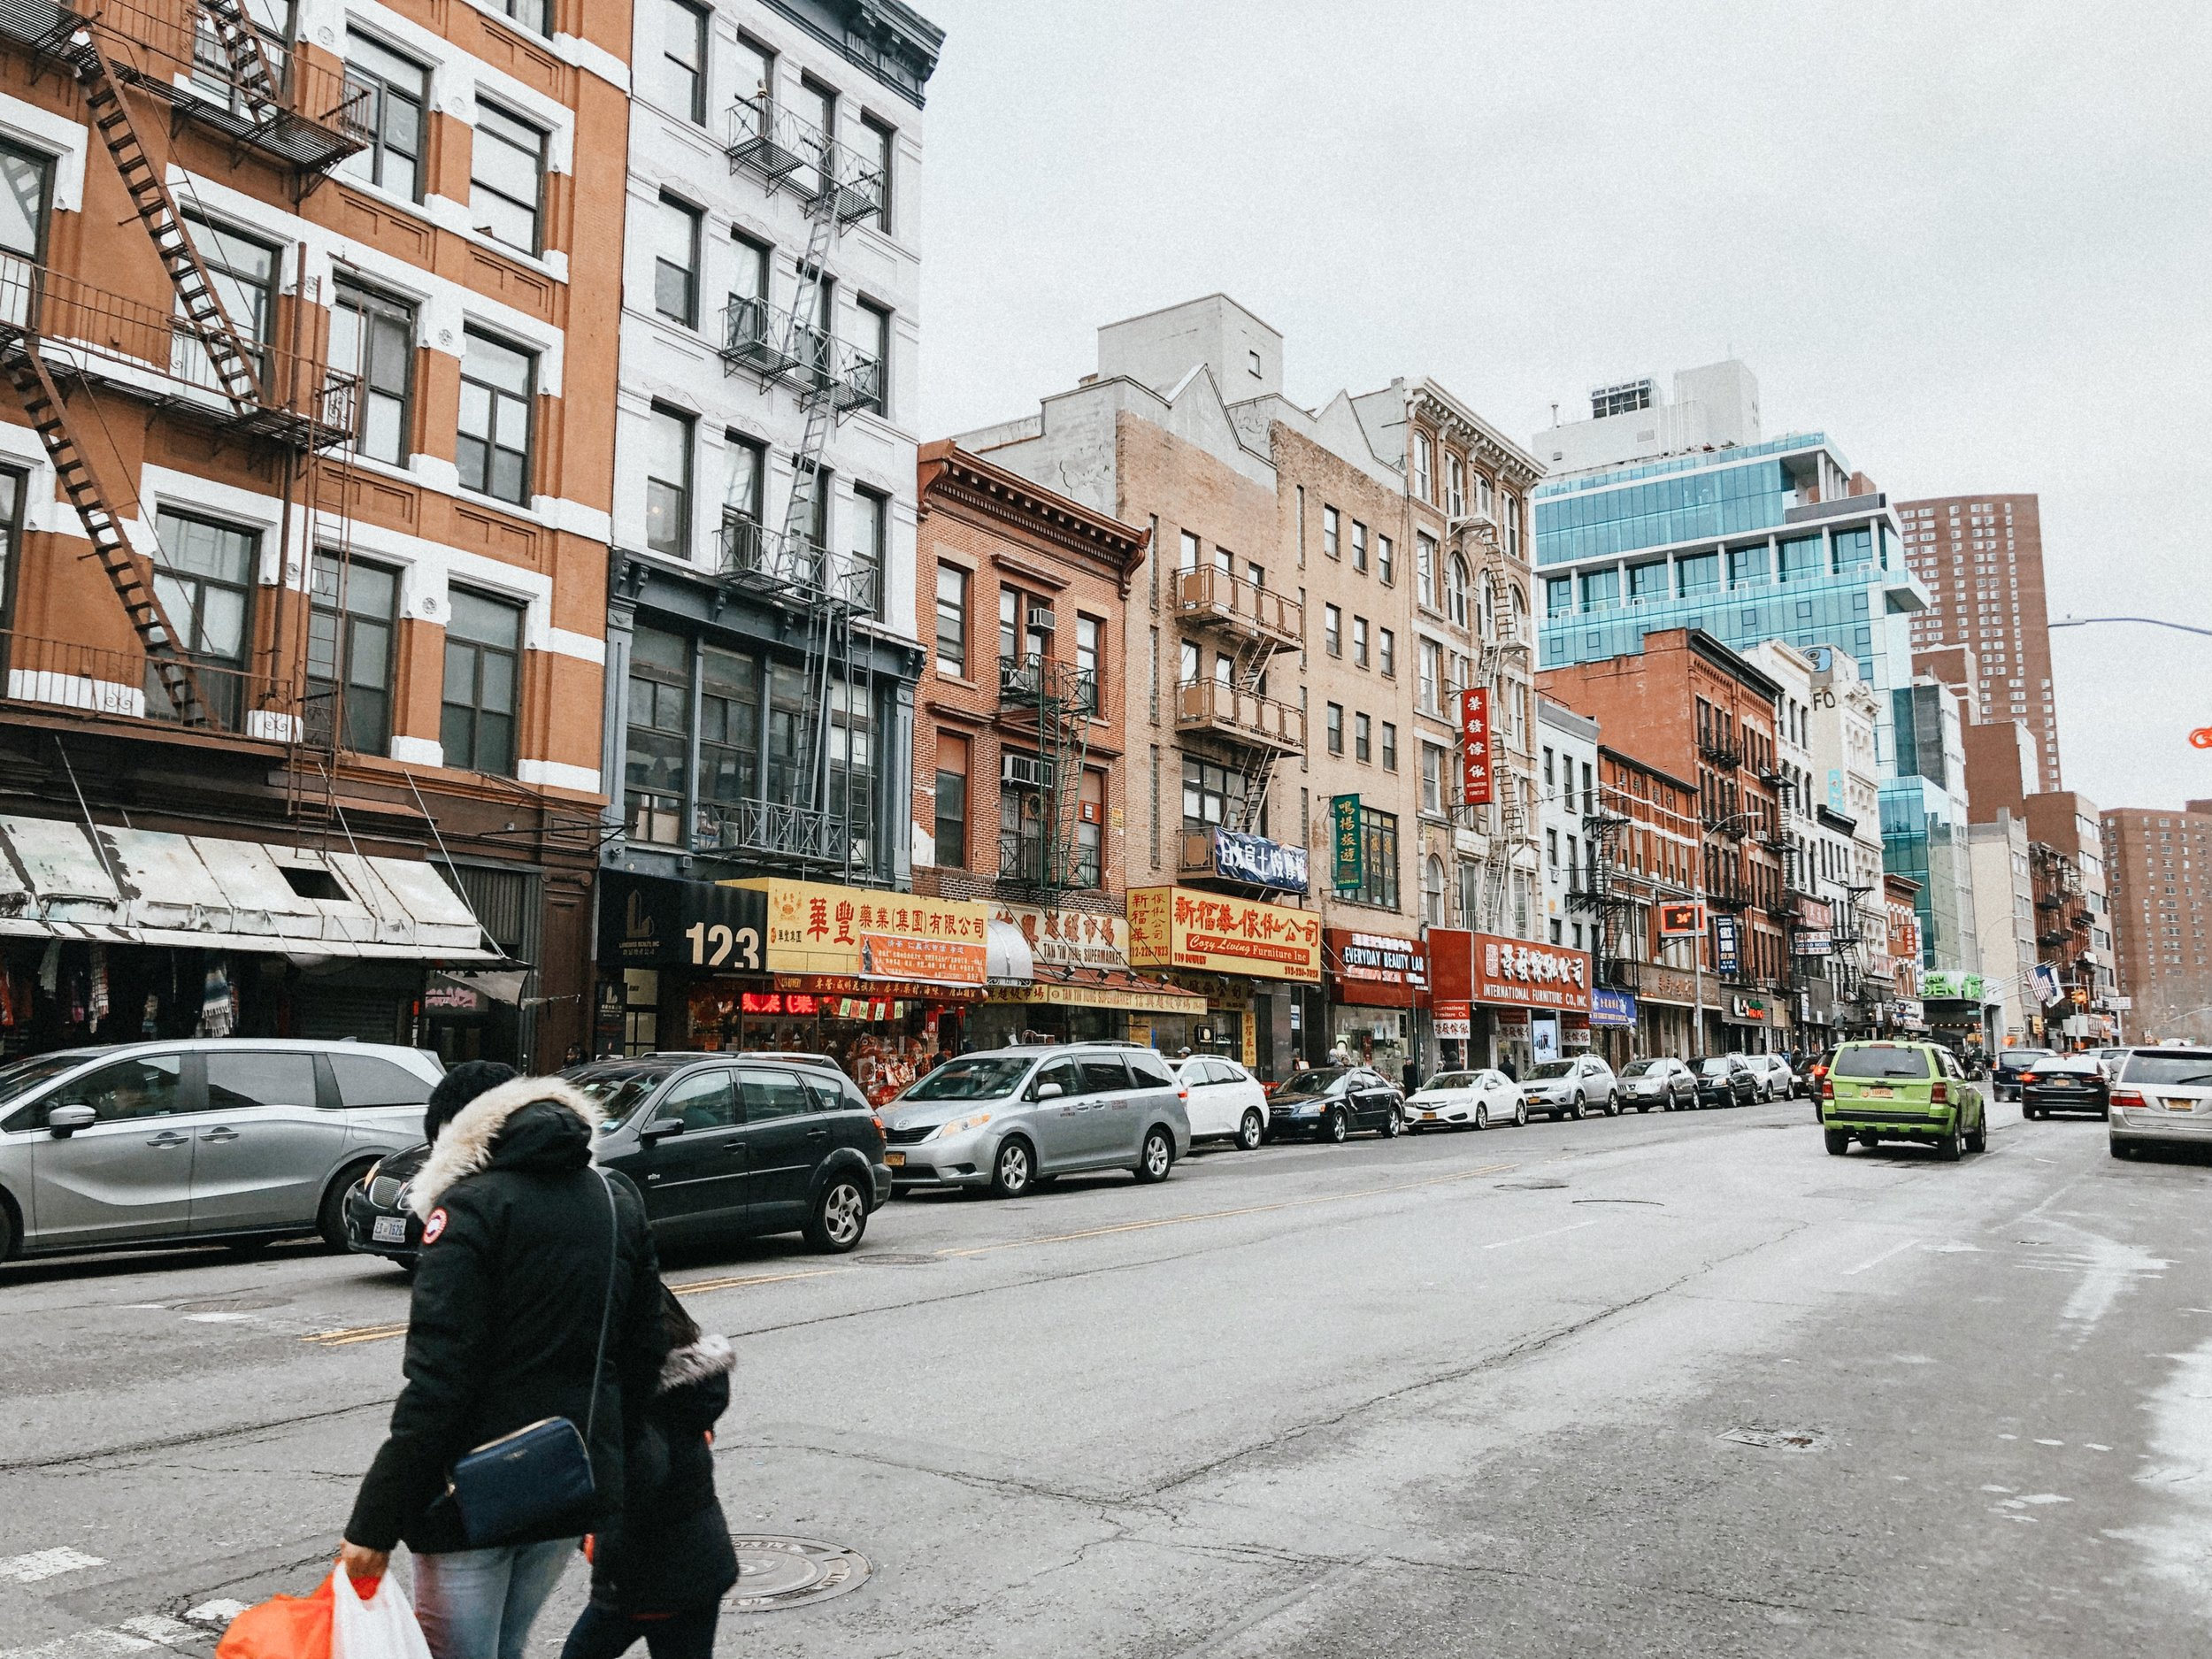 Photo of Chinatown, taken by Sara Kreski 2019.